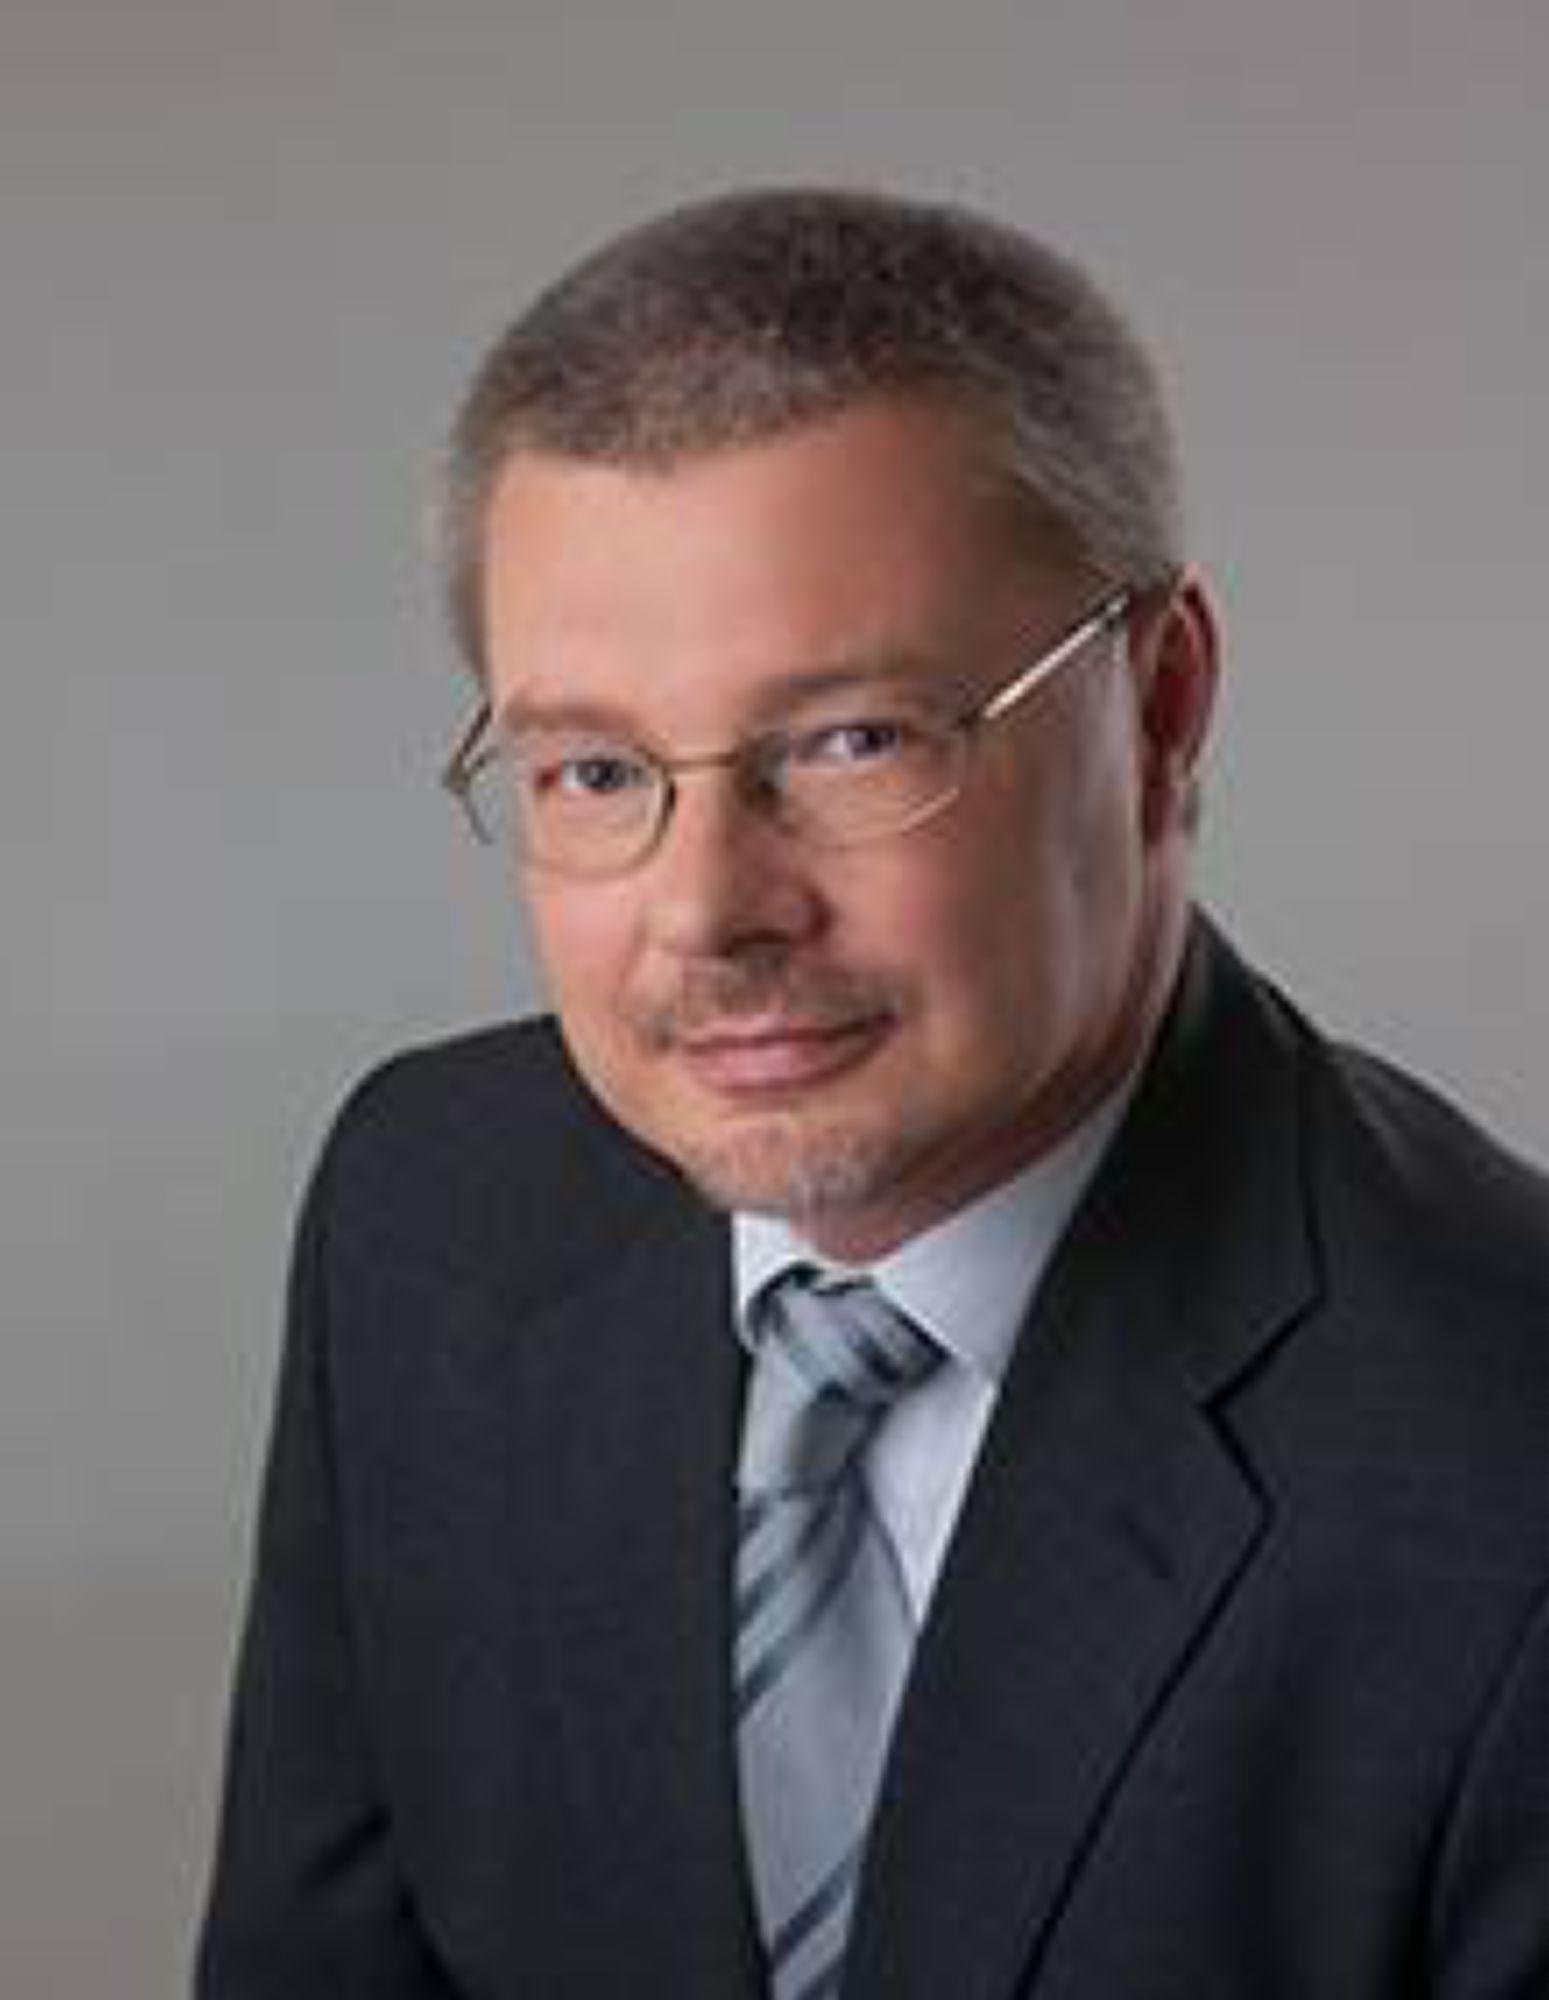 Gerald Perzi